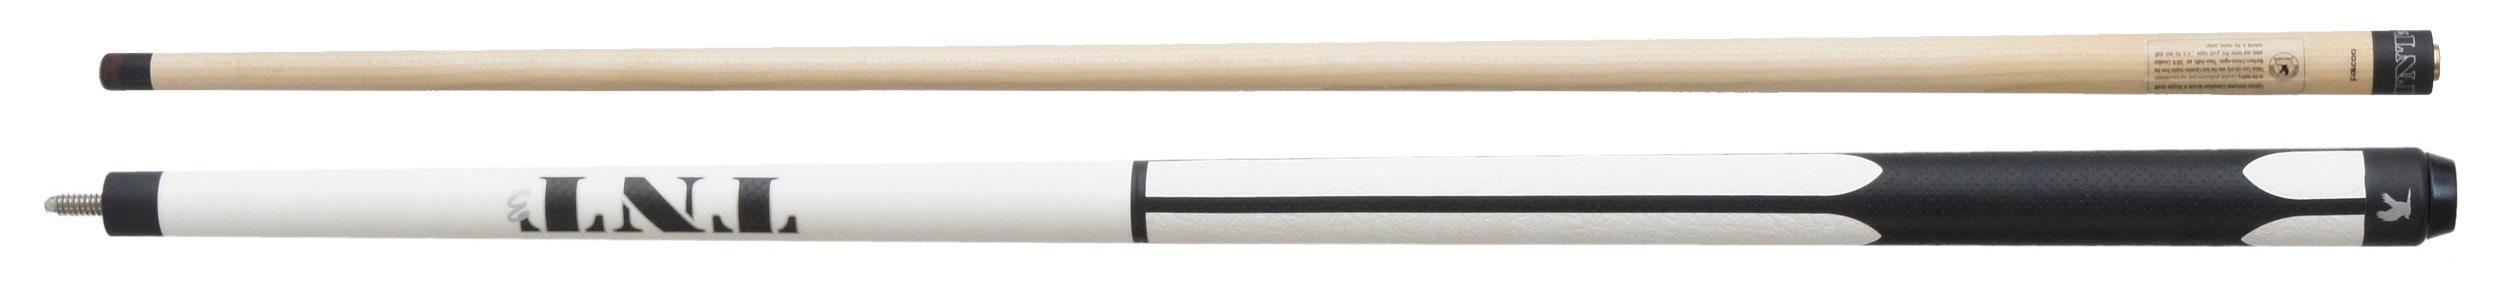 ファルコン tntブレイク&ジャンプキュー ホワイト jbc-w 商品画像